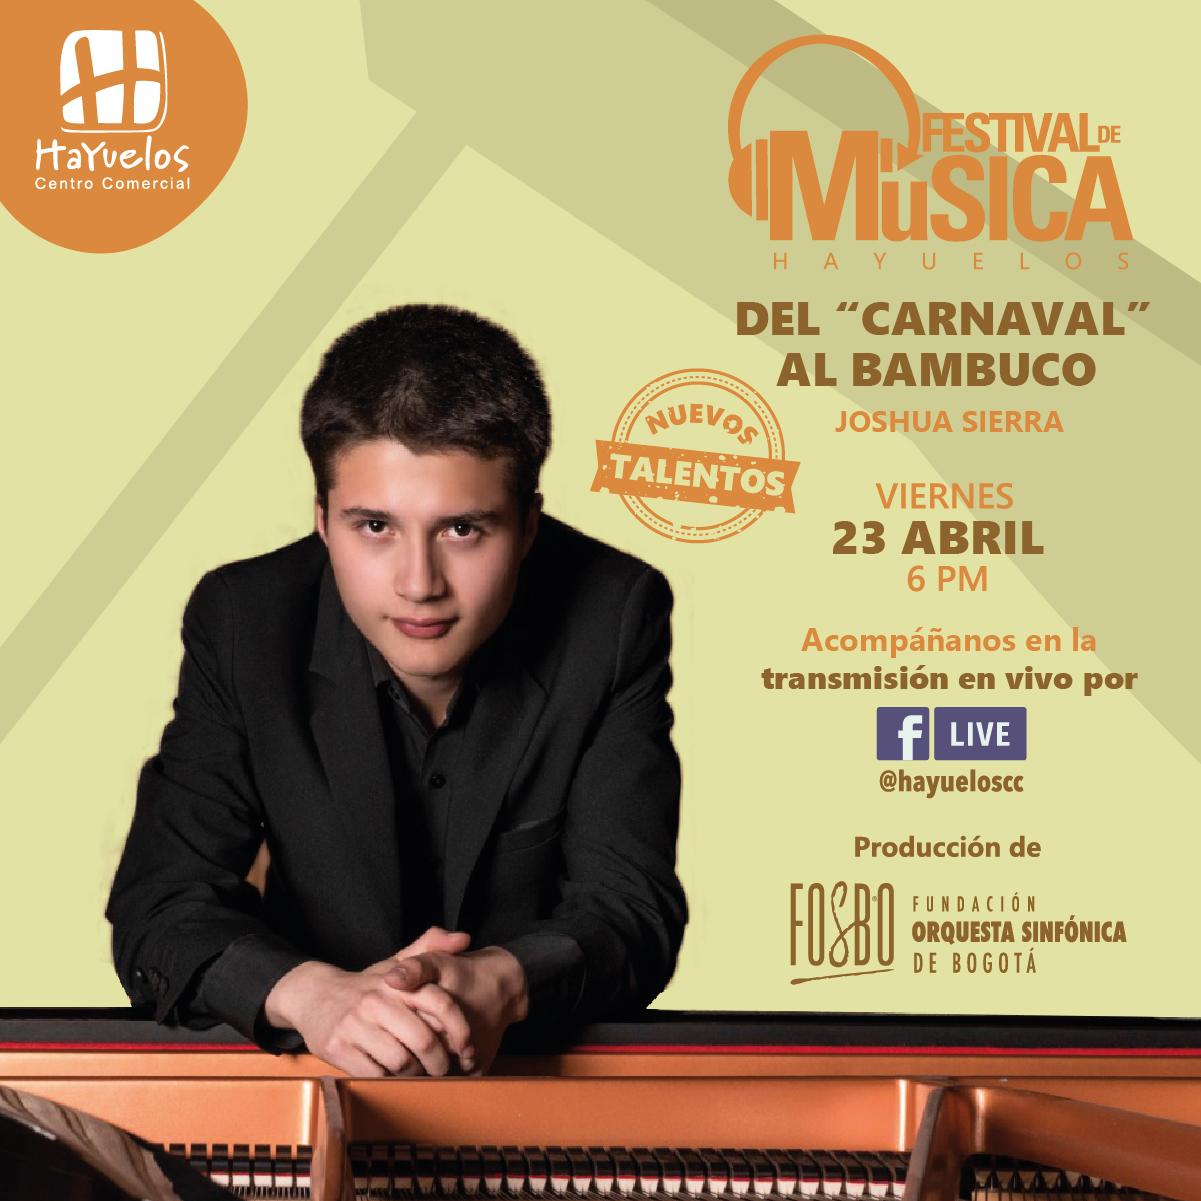 Joshua Sierra Piano Festival de Música Hayuelos Fosbo